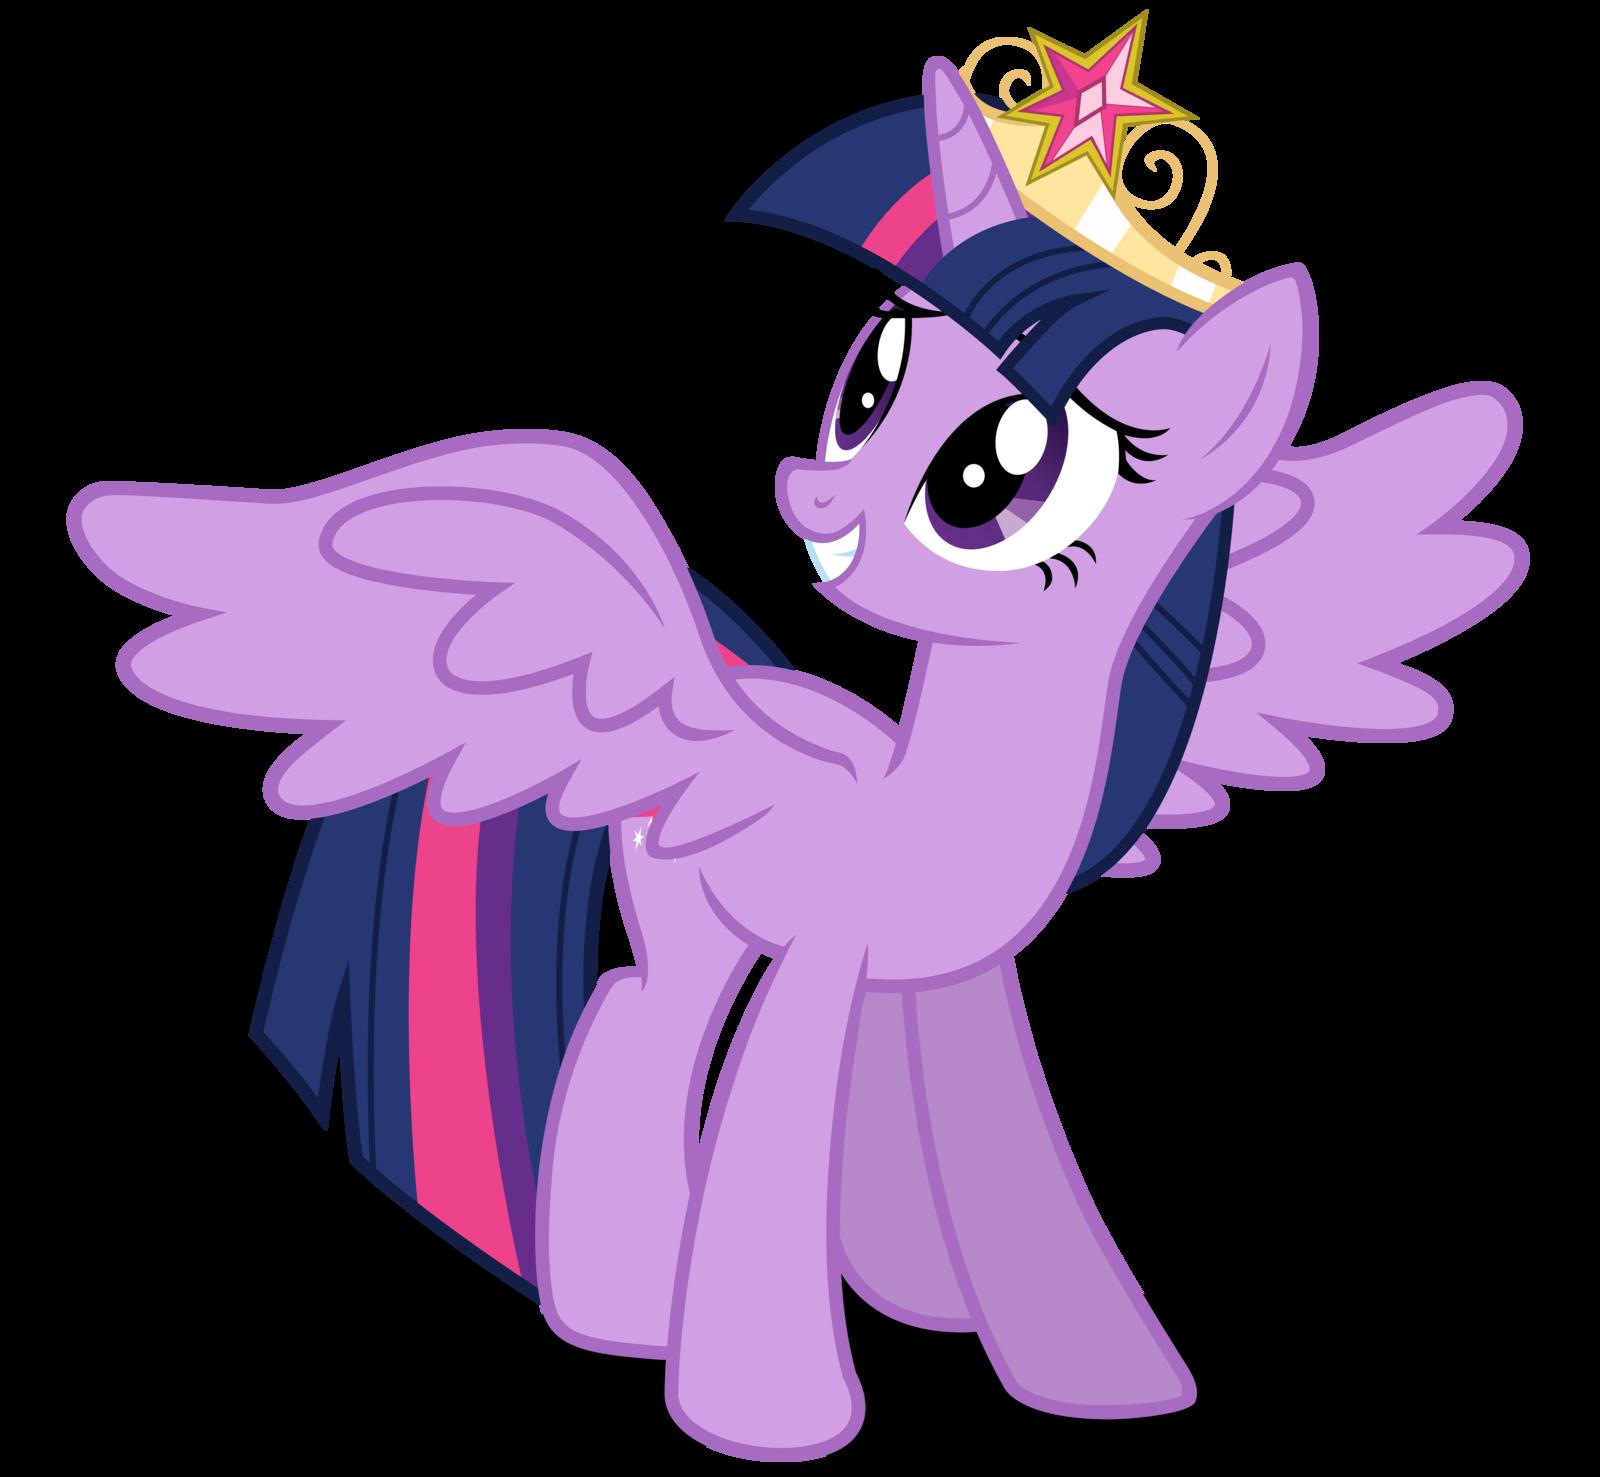 Пони картинки принцессы твайлайт